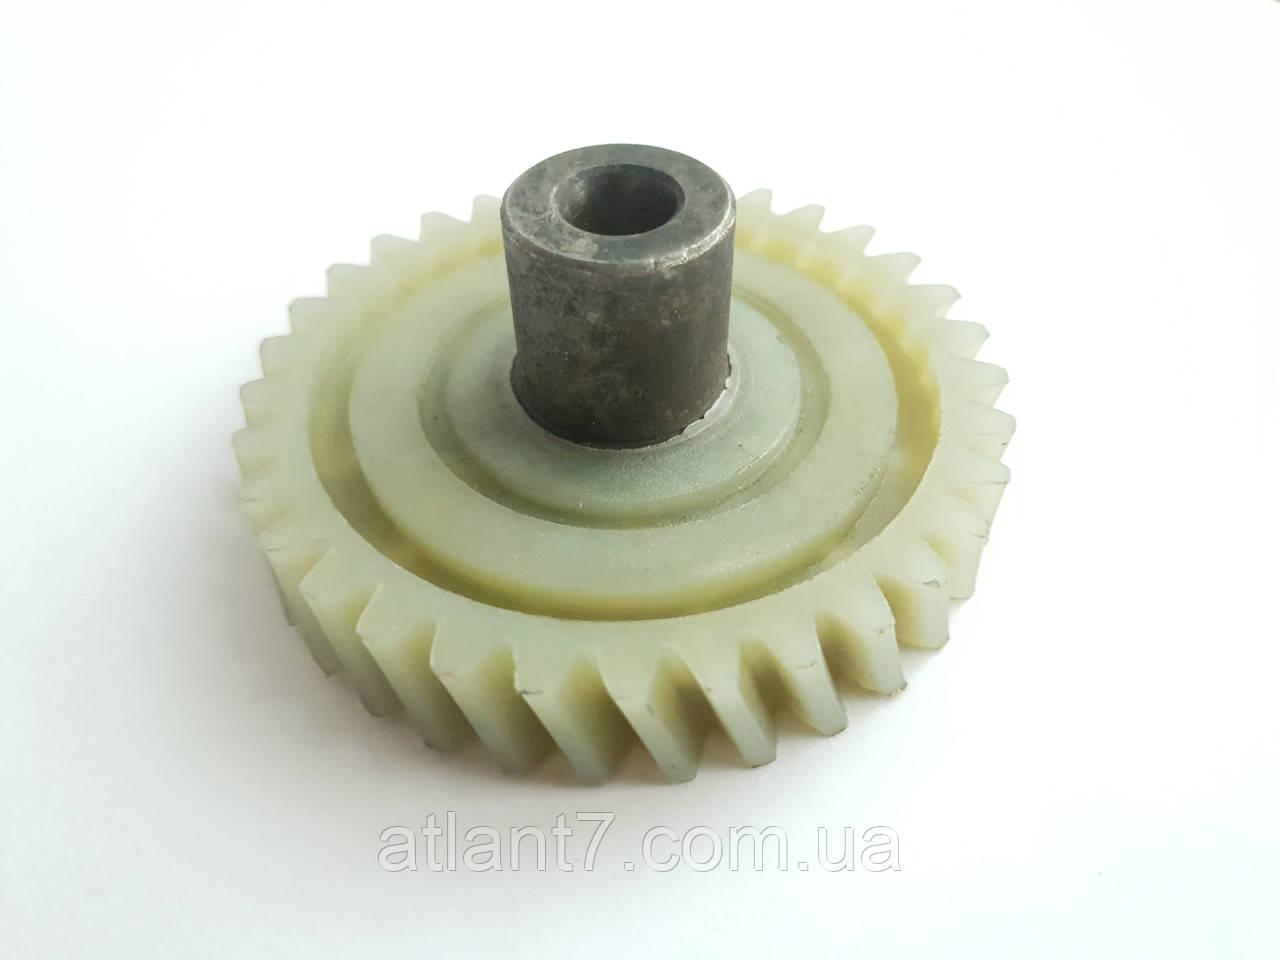 Шестерня электропилы цепной ворскла (левый наклон зуба)